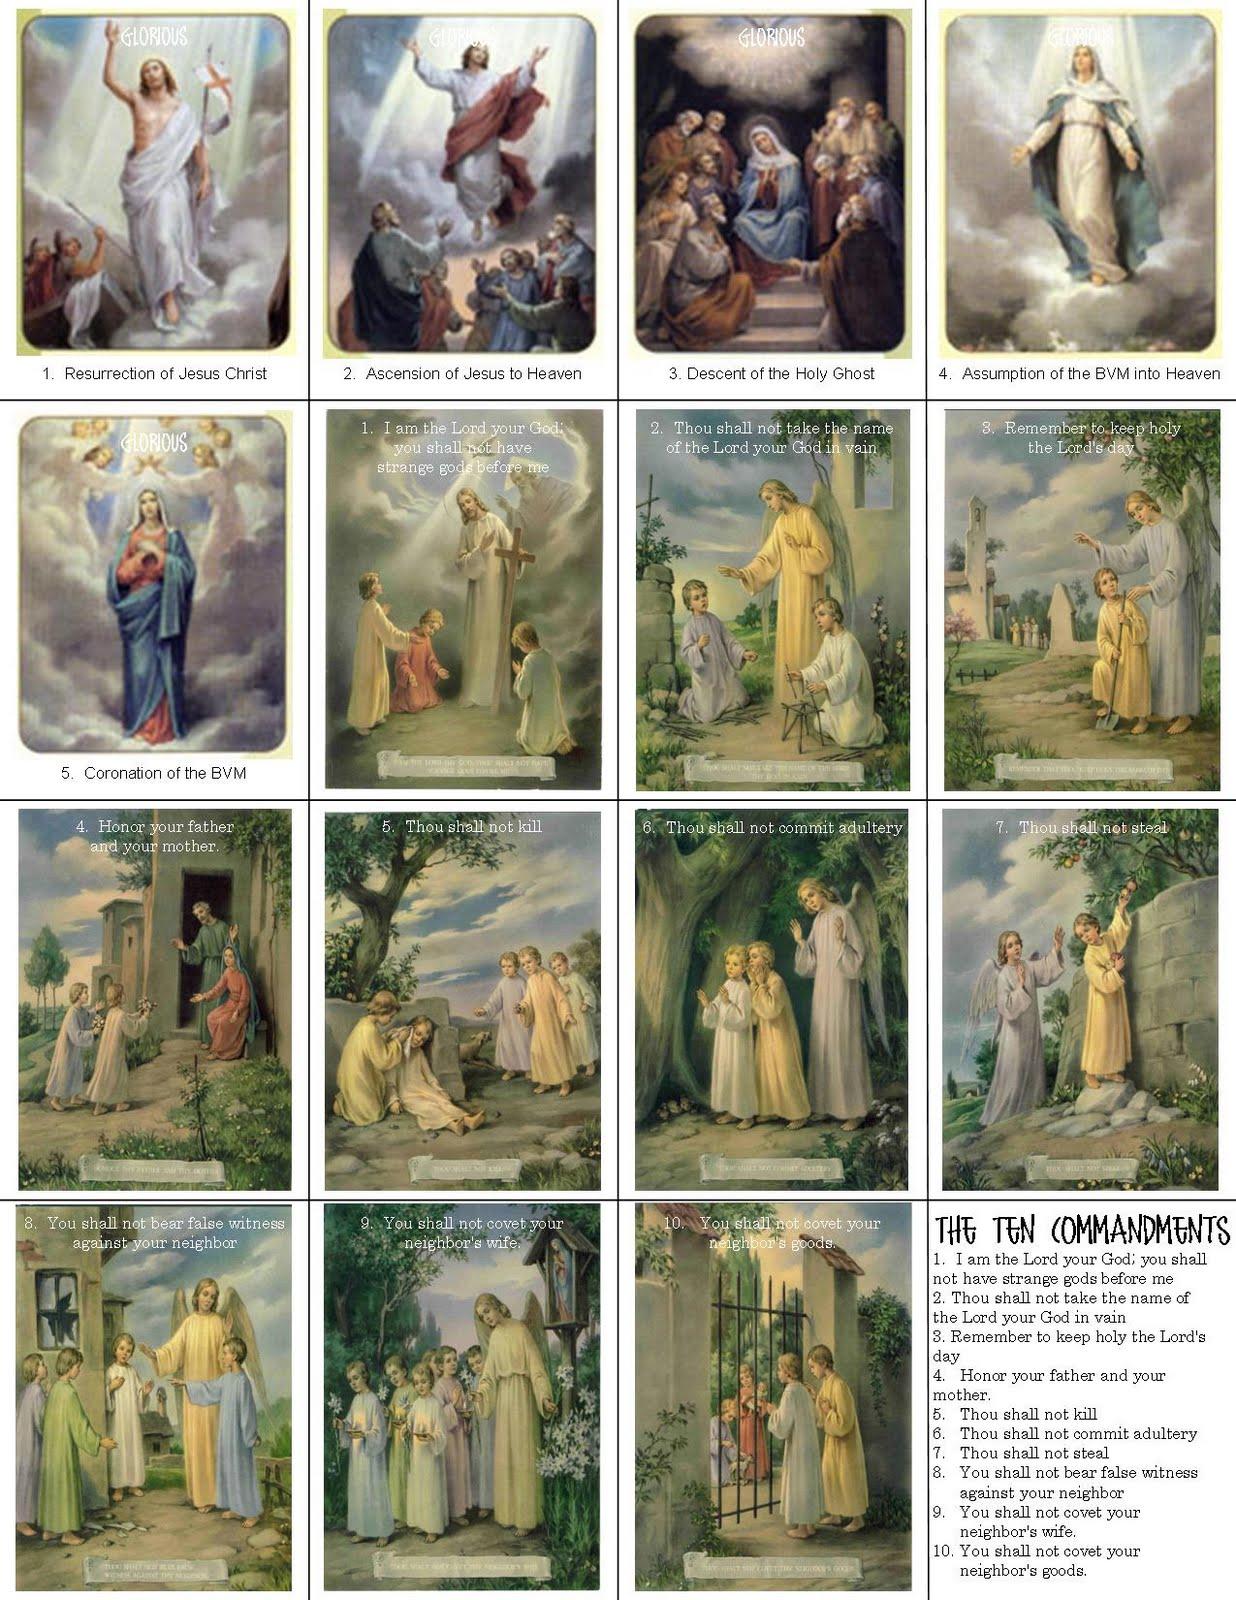 Catholic Prayer Cards - Free Printable Catholic Prayer Cards